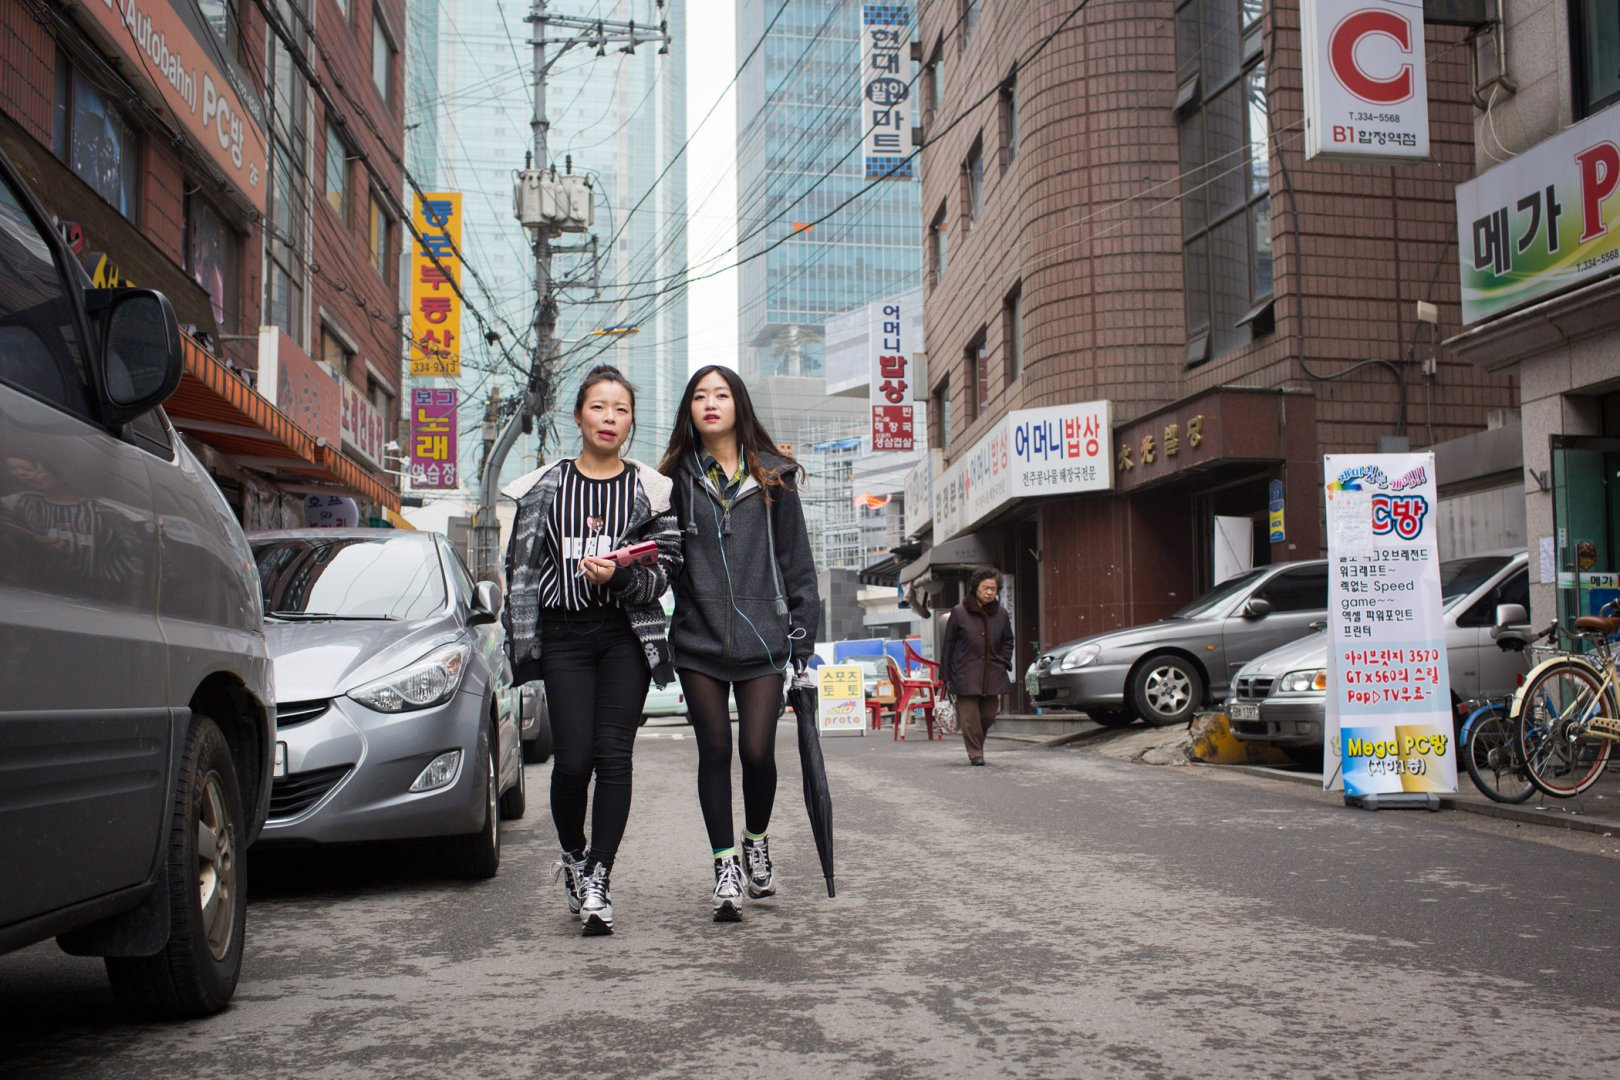 Беженки из Северной Кореи 19-летняя Кьёнг-ок (переводится как «Лунный век») и 22-летняя Сара (употре